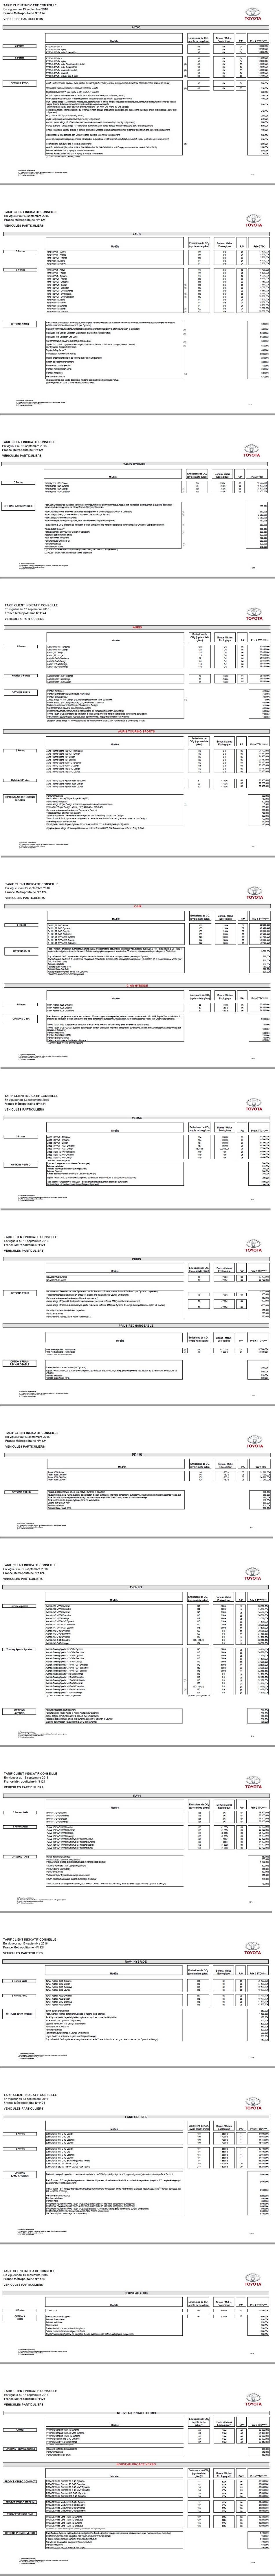 Toyota Révèle Les Tarifs Du C-HR 455184tarifsyarisaffaires1